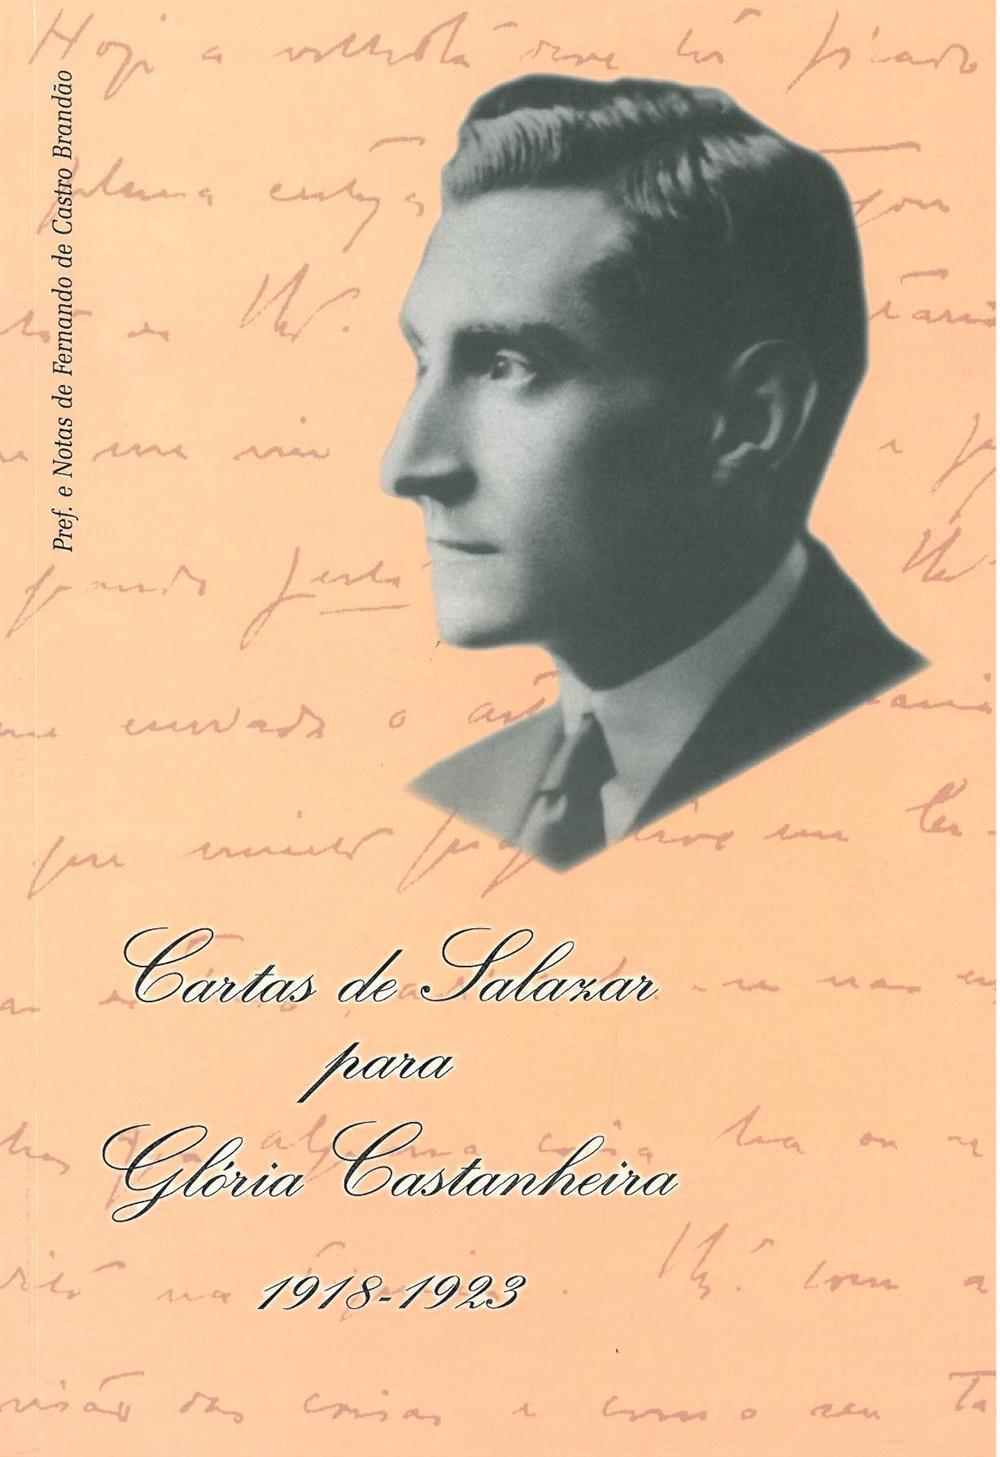 Cartas de Salazar para Glória Castanheira_.jpg